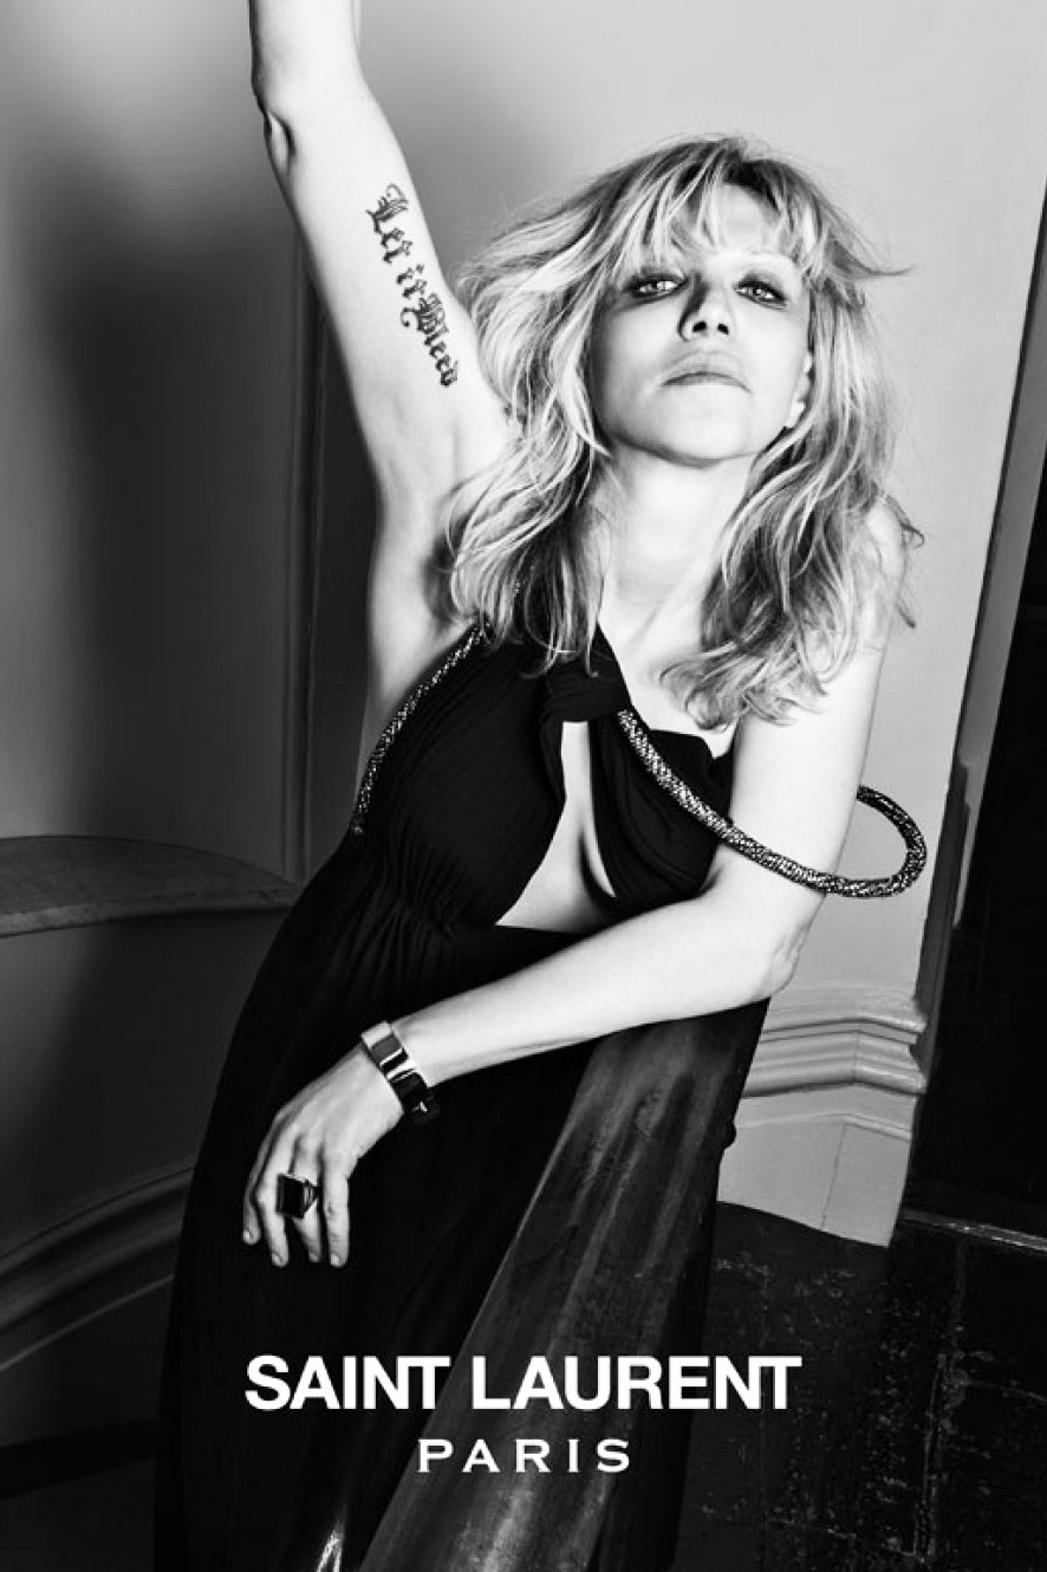 Saint Laurent Courtney Love - P 2013